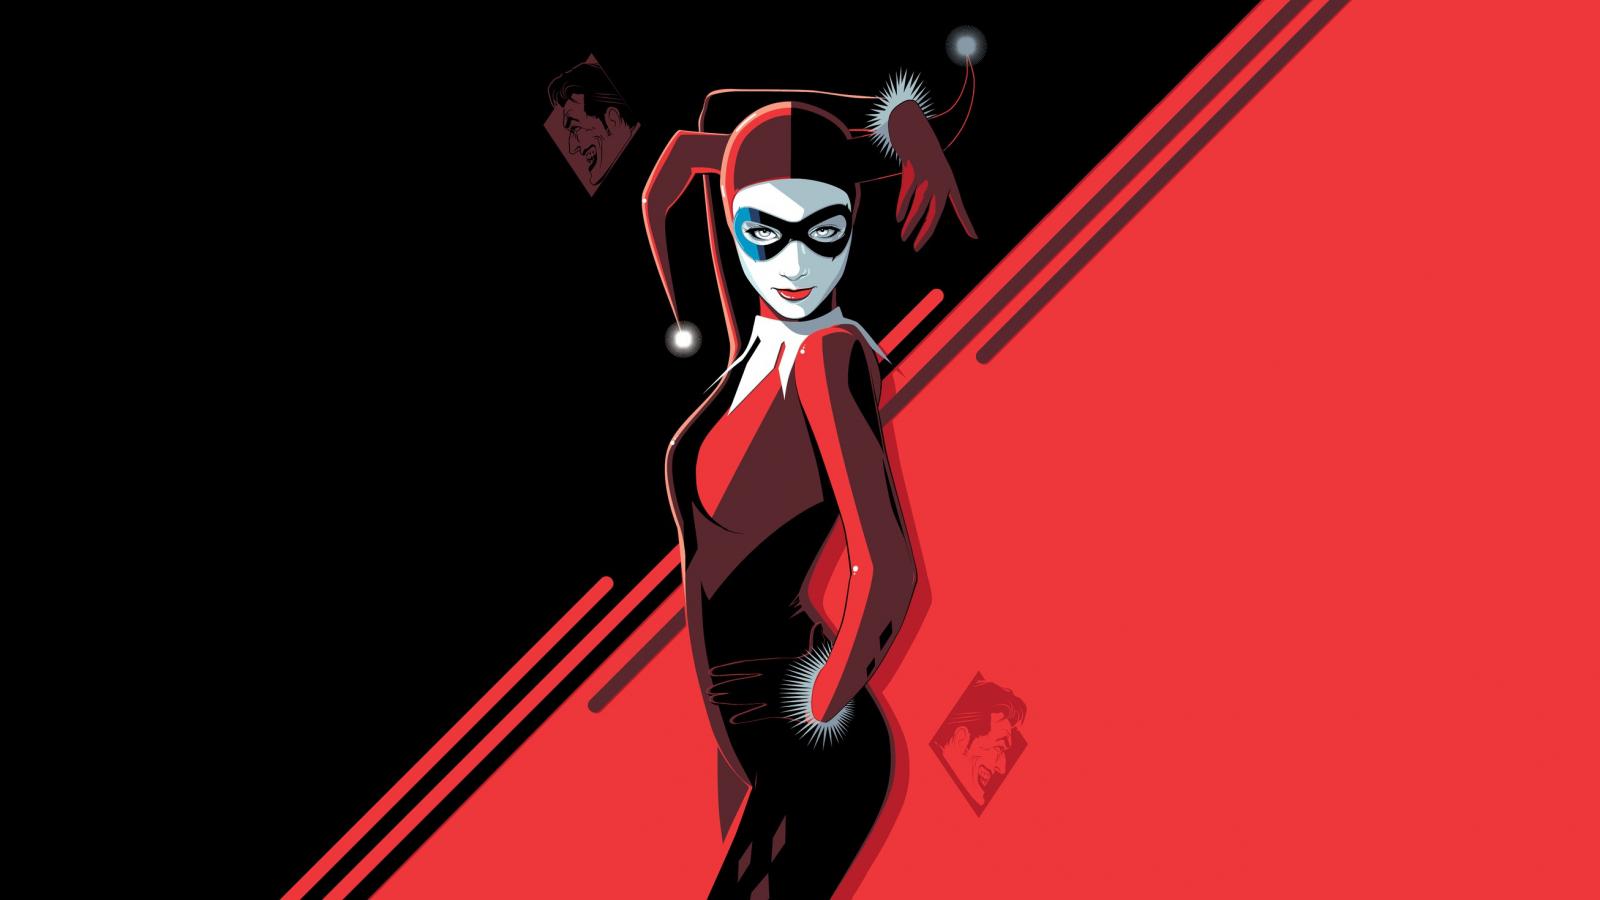 Harley Quinn, minimal, villain, minimal, art, 1600x900 wallpaper